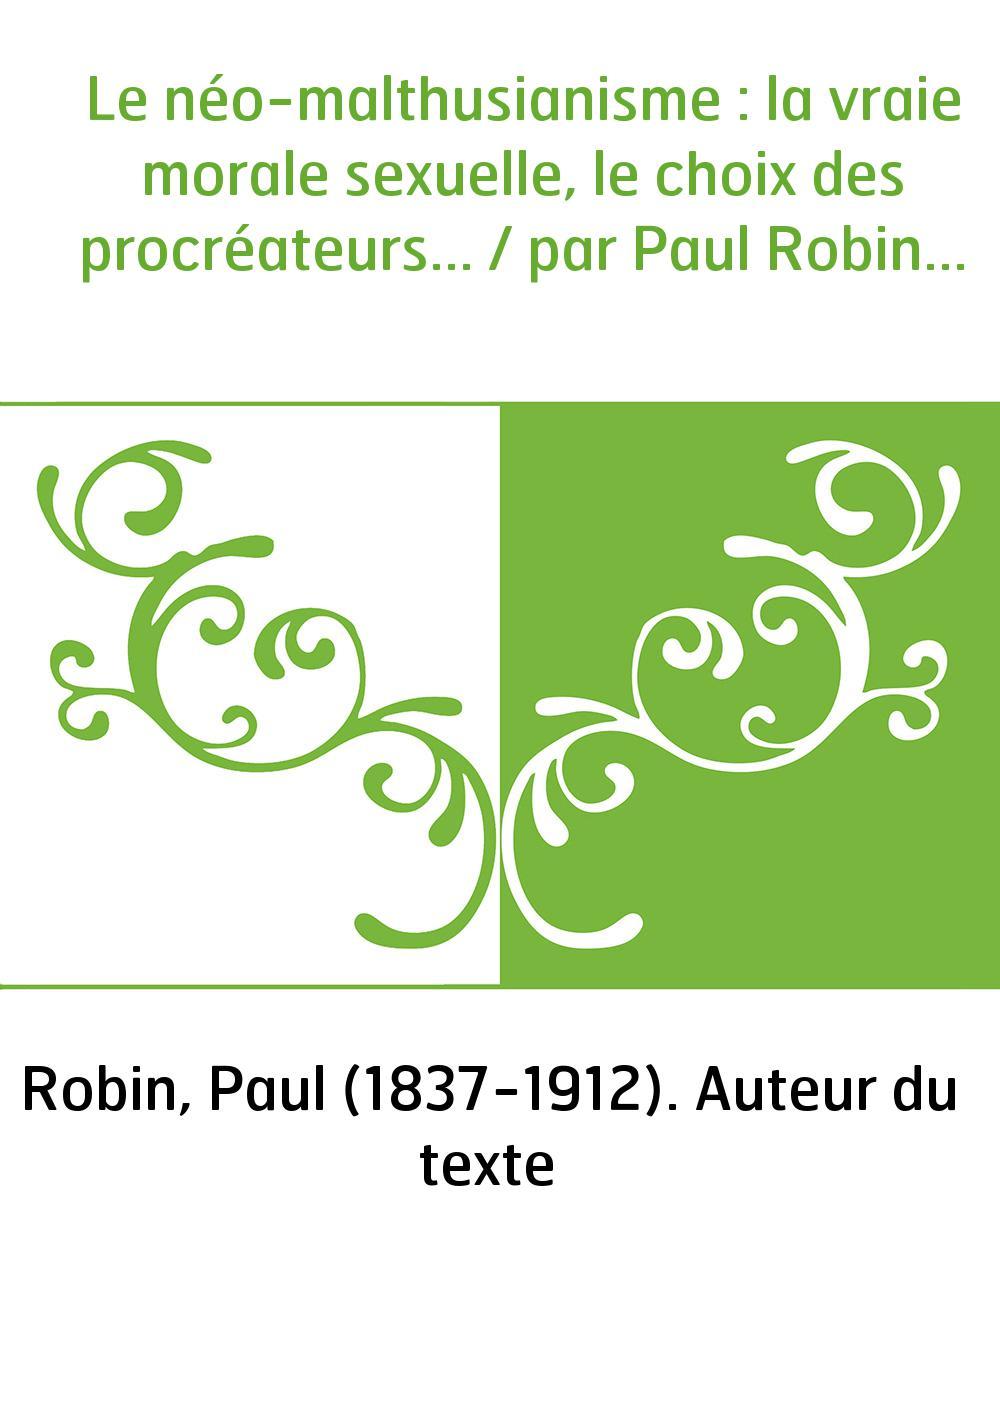 Le néo-malthusianisme : la vraie morale sexuelle, le choix des procréateurs... / par Paul Robin...